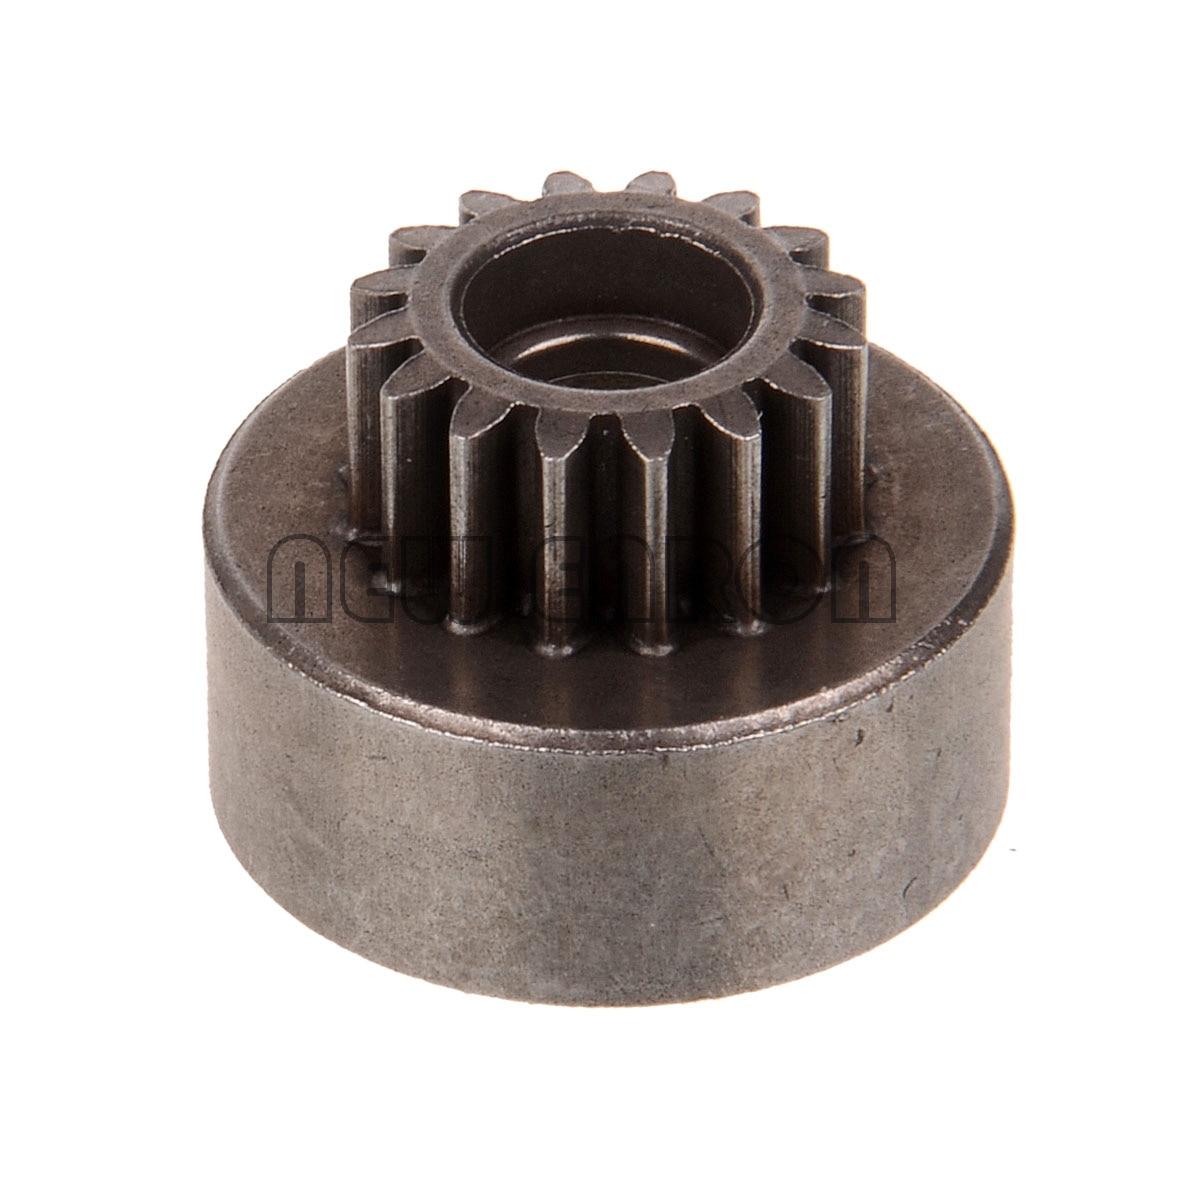 NOVA ENRON 02107 Clutch Bell (Única Engrenagem) Corrida 1/10 4WD de Buggy Carro Caminhão 94101 94105 94108